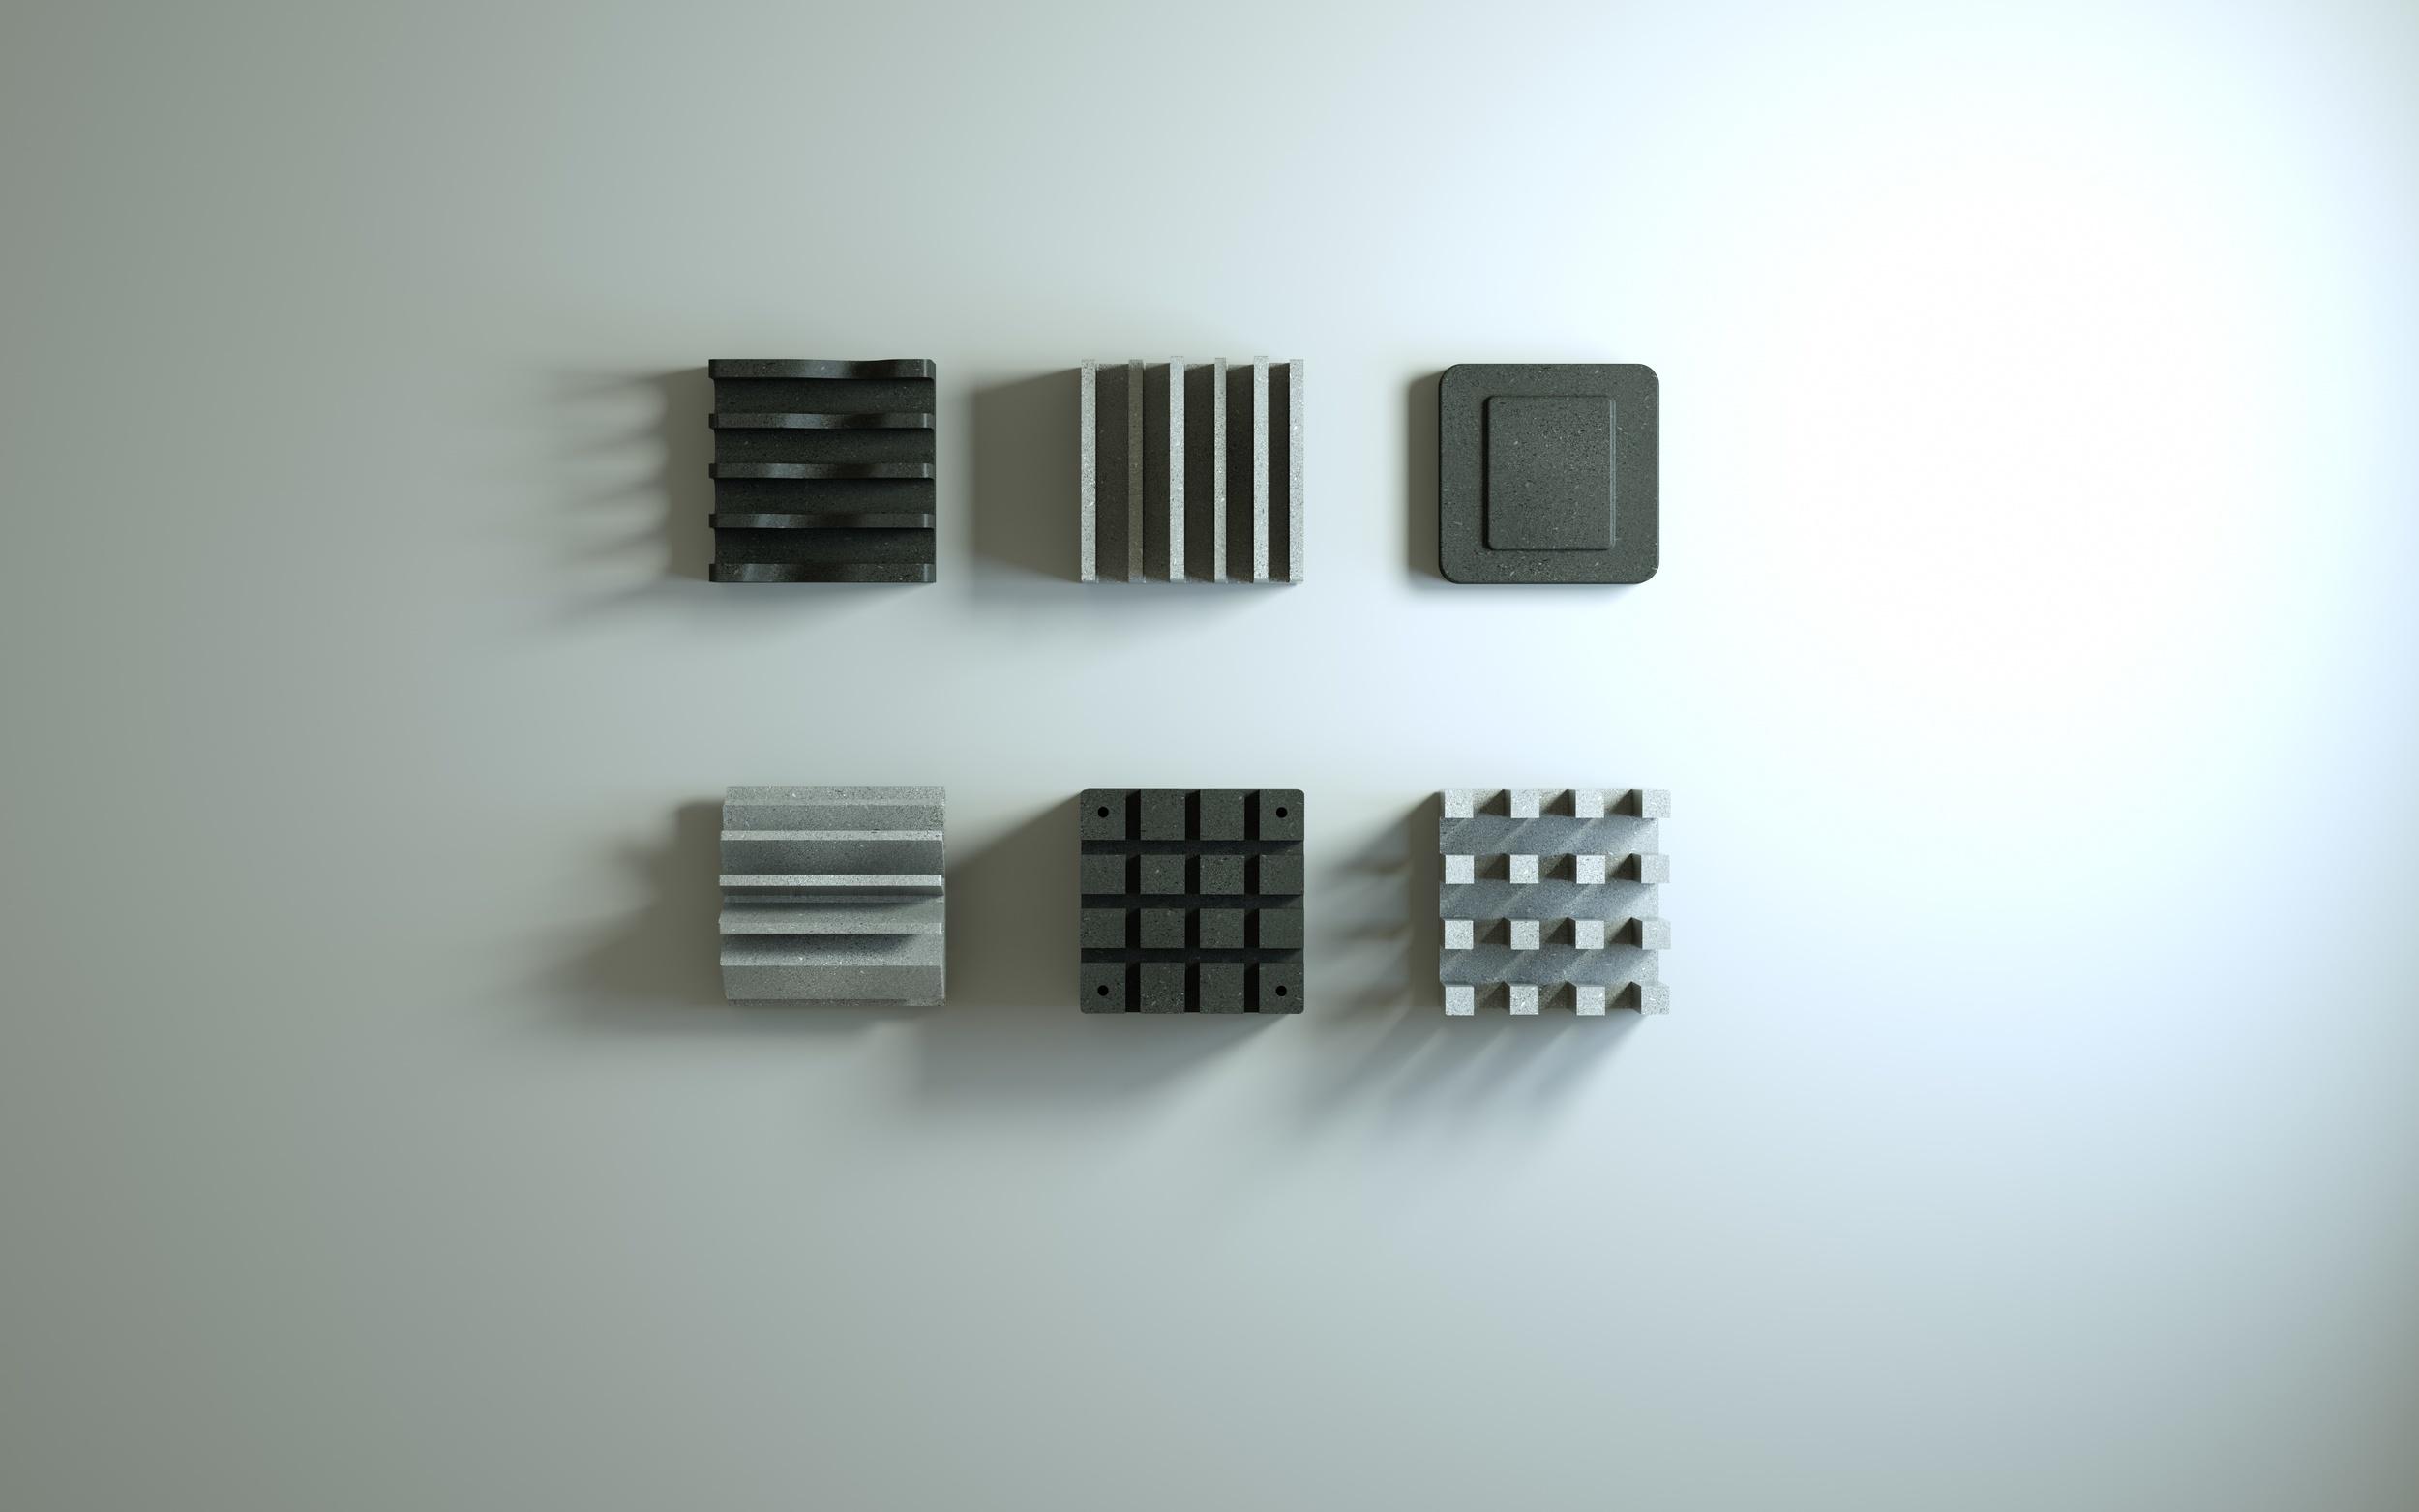 Circuito_DeskAccess._6 Pieces